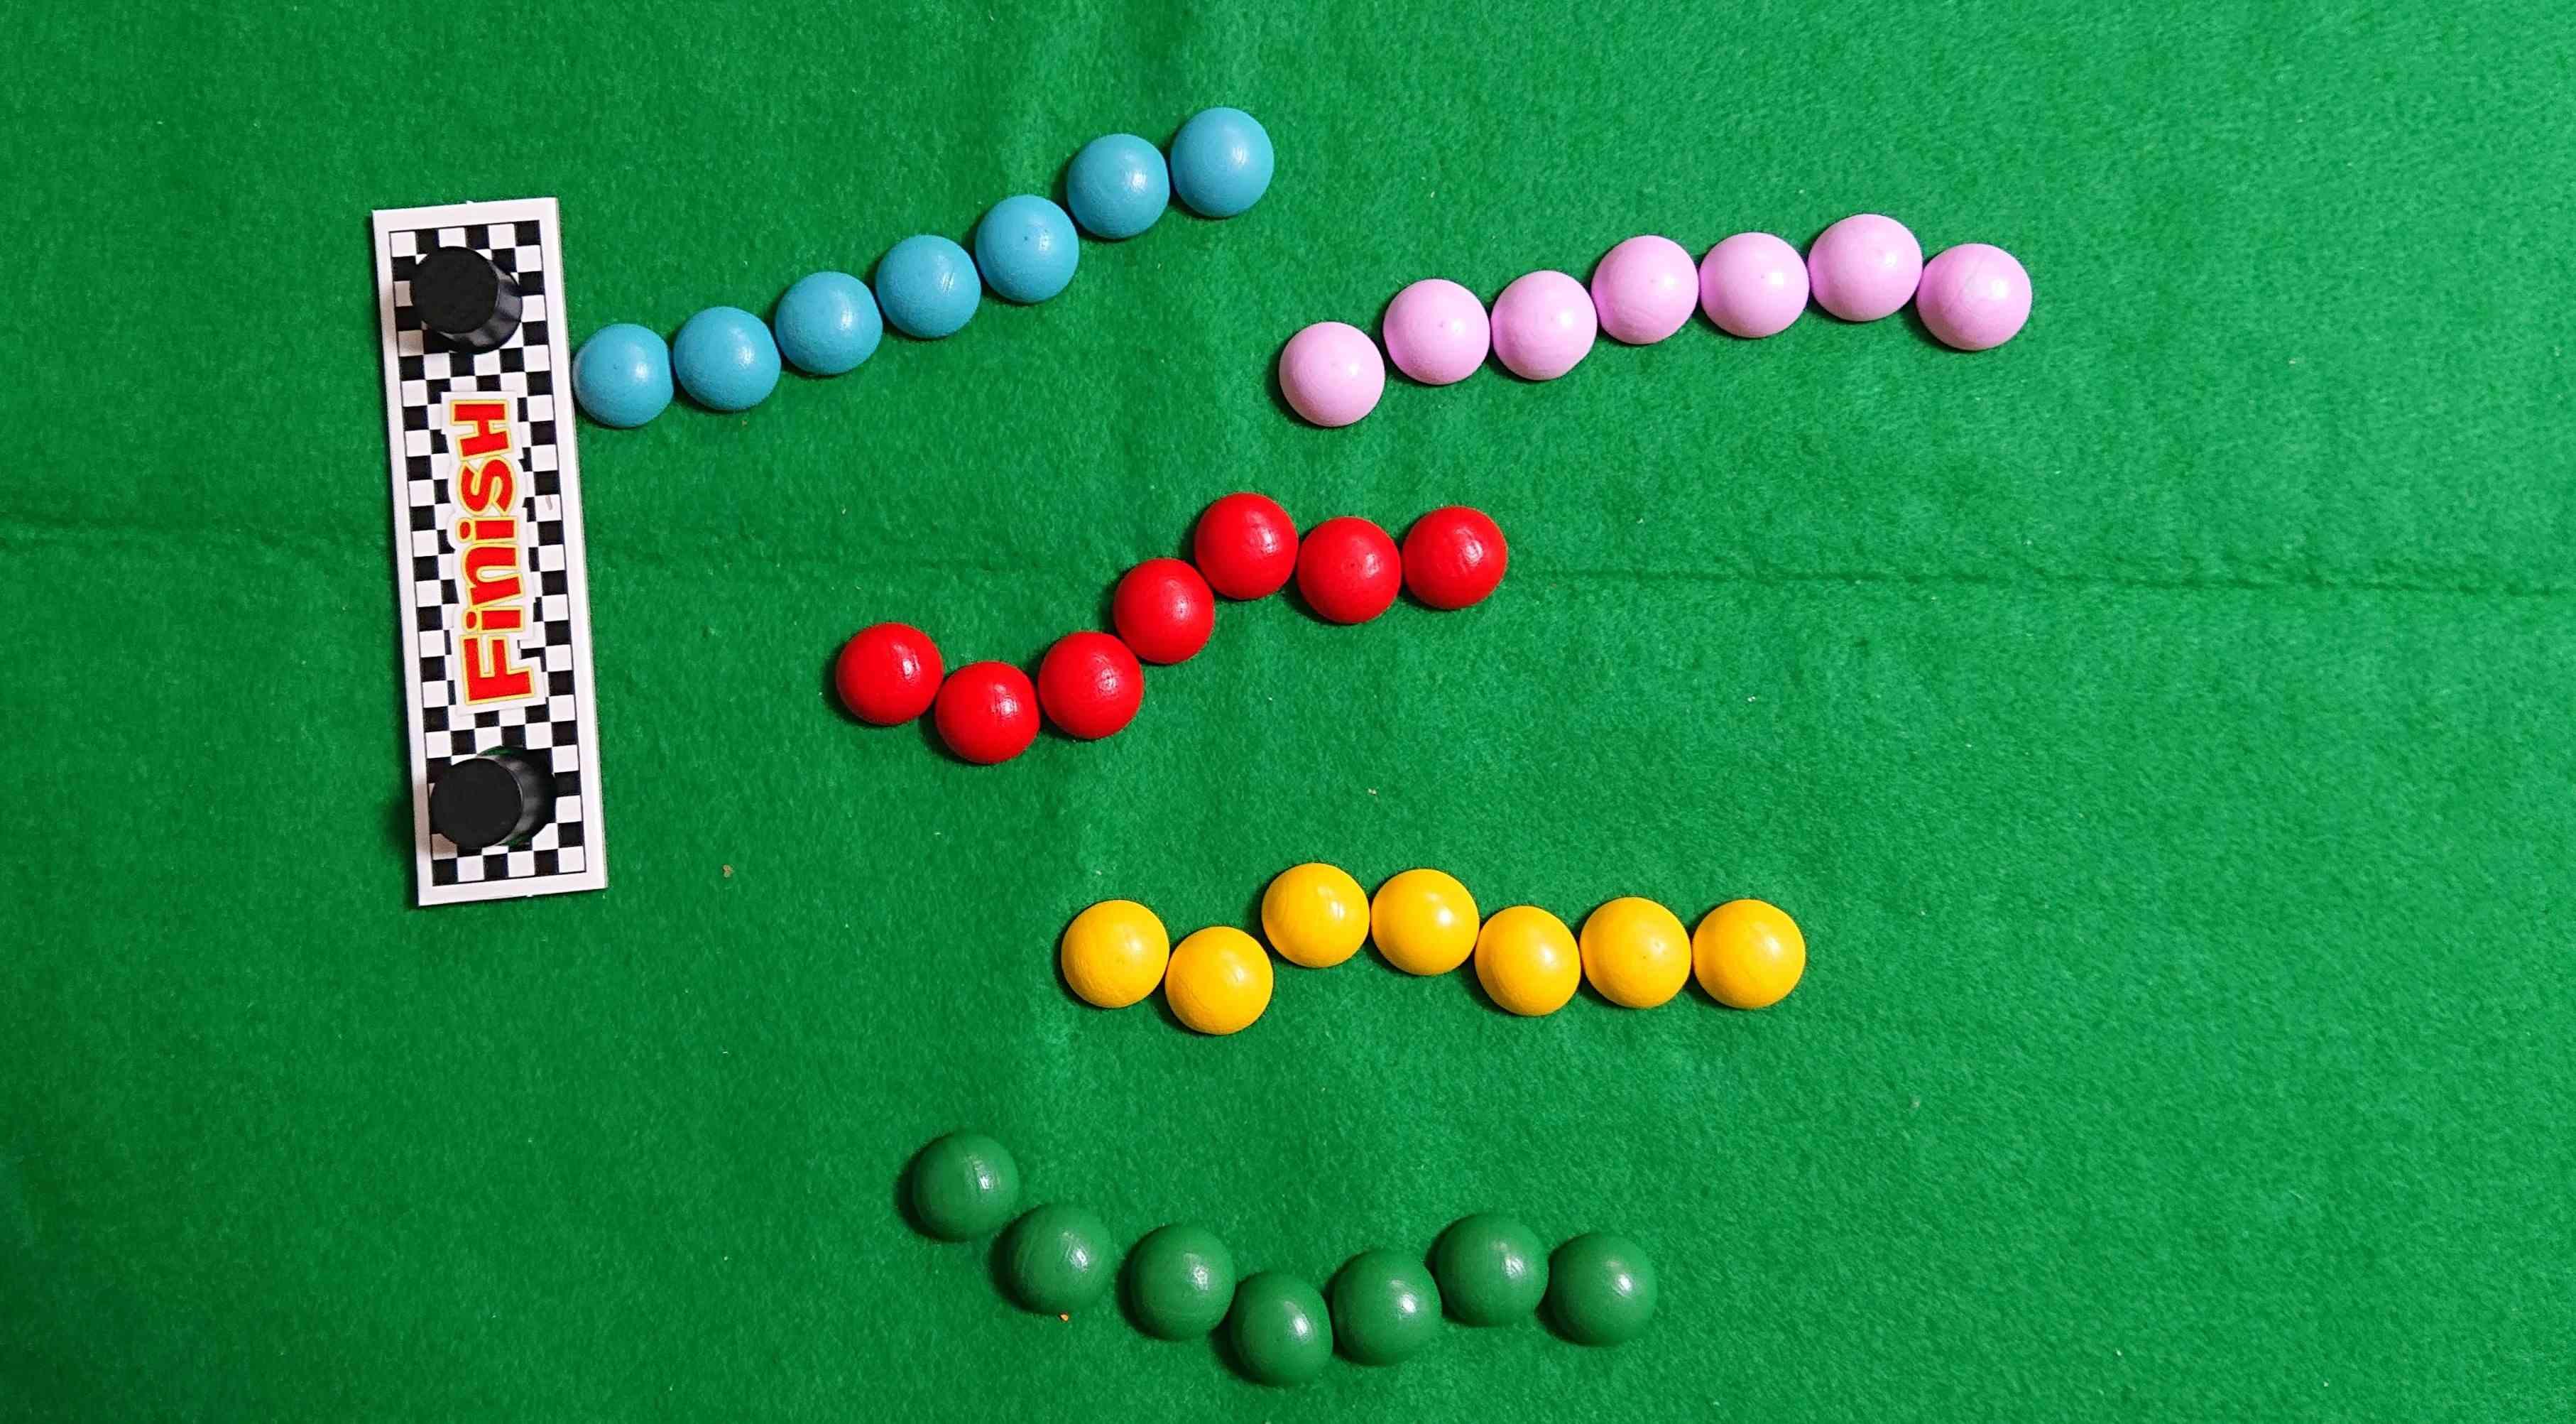 イモムシイモムシ(Worm up!) 子供も楽しい バッティング系ボードゲーム ルール説明